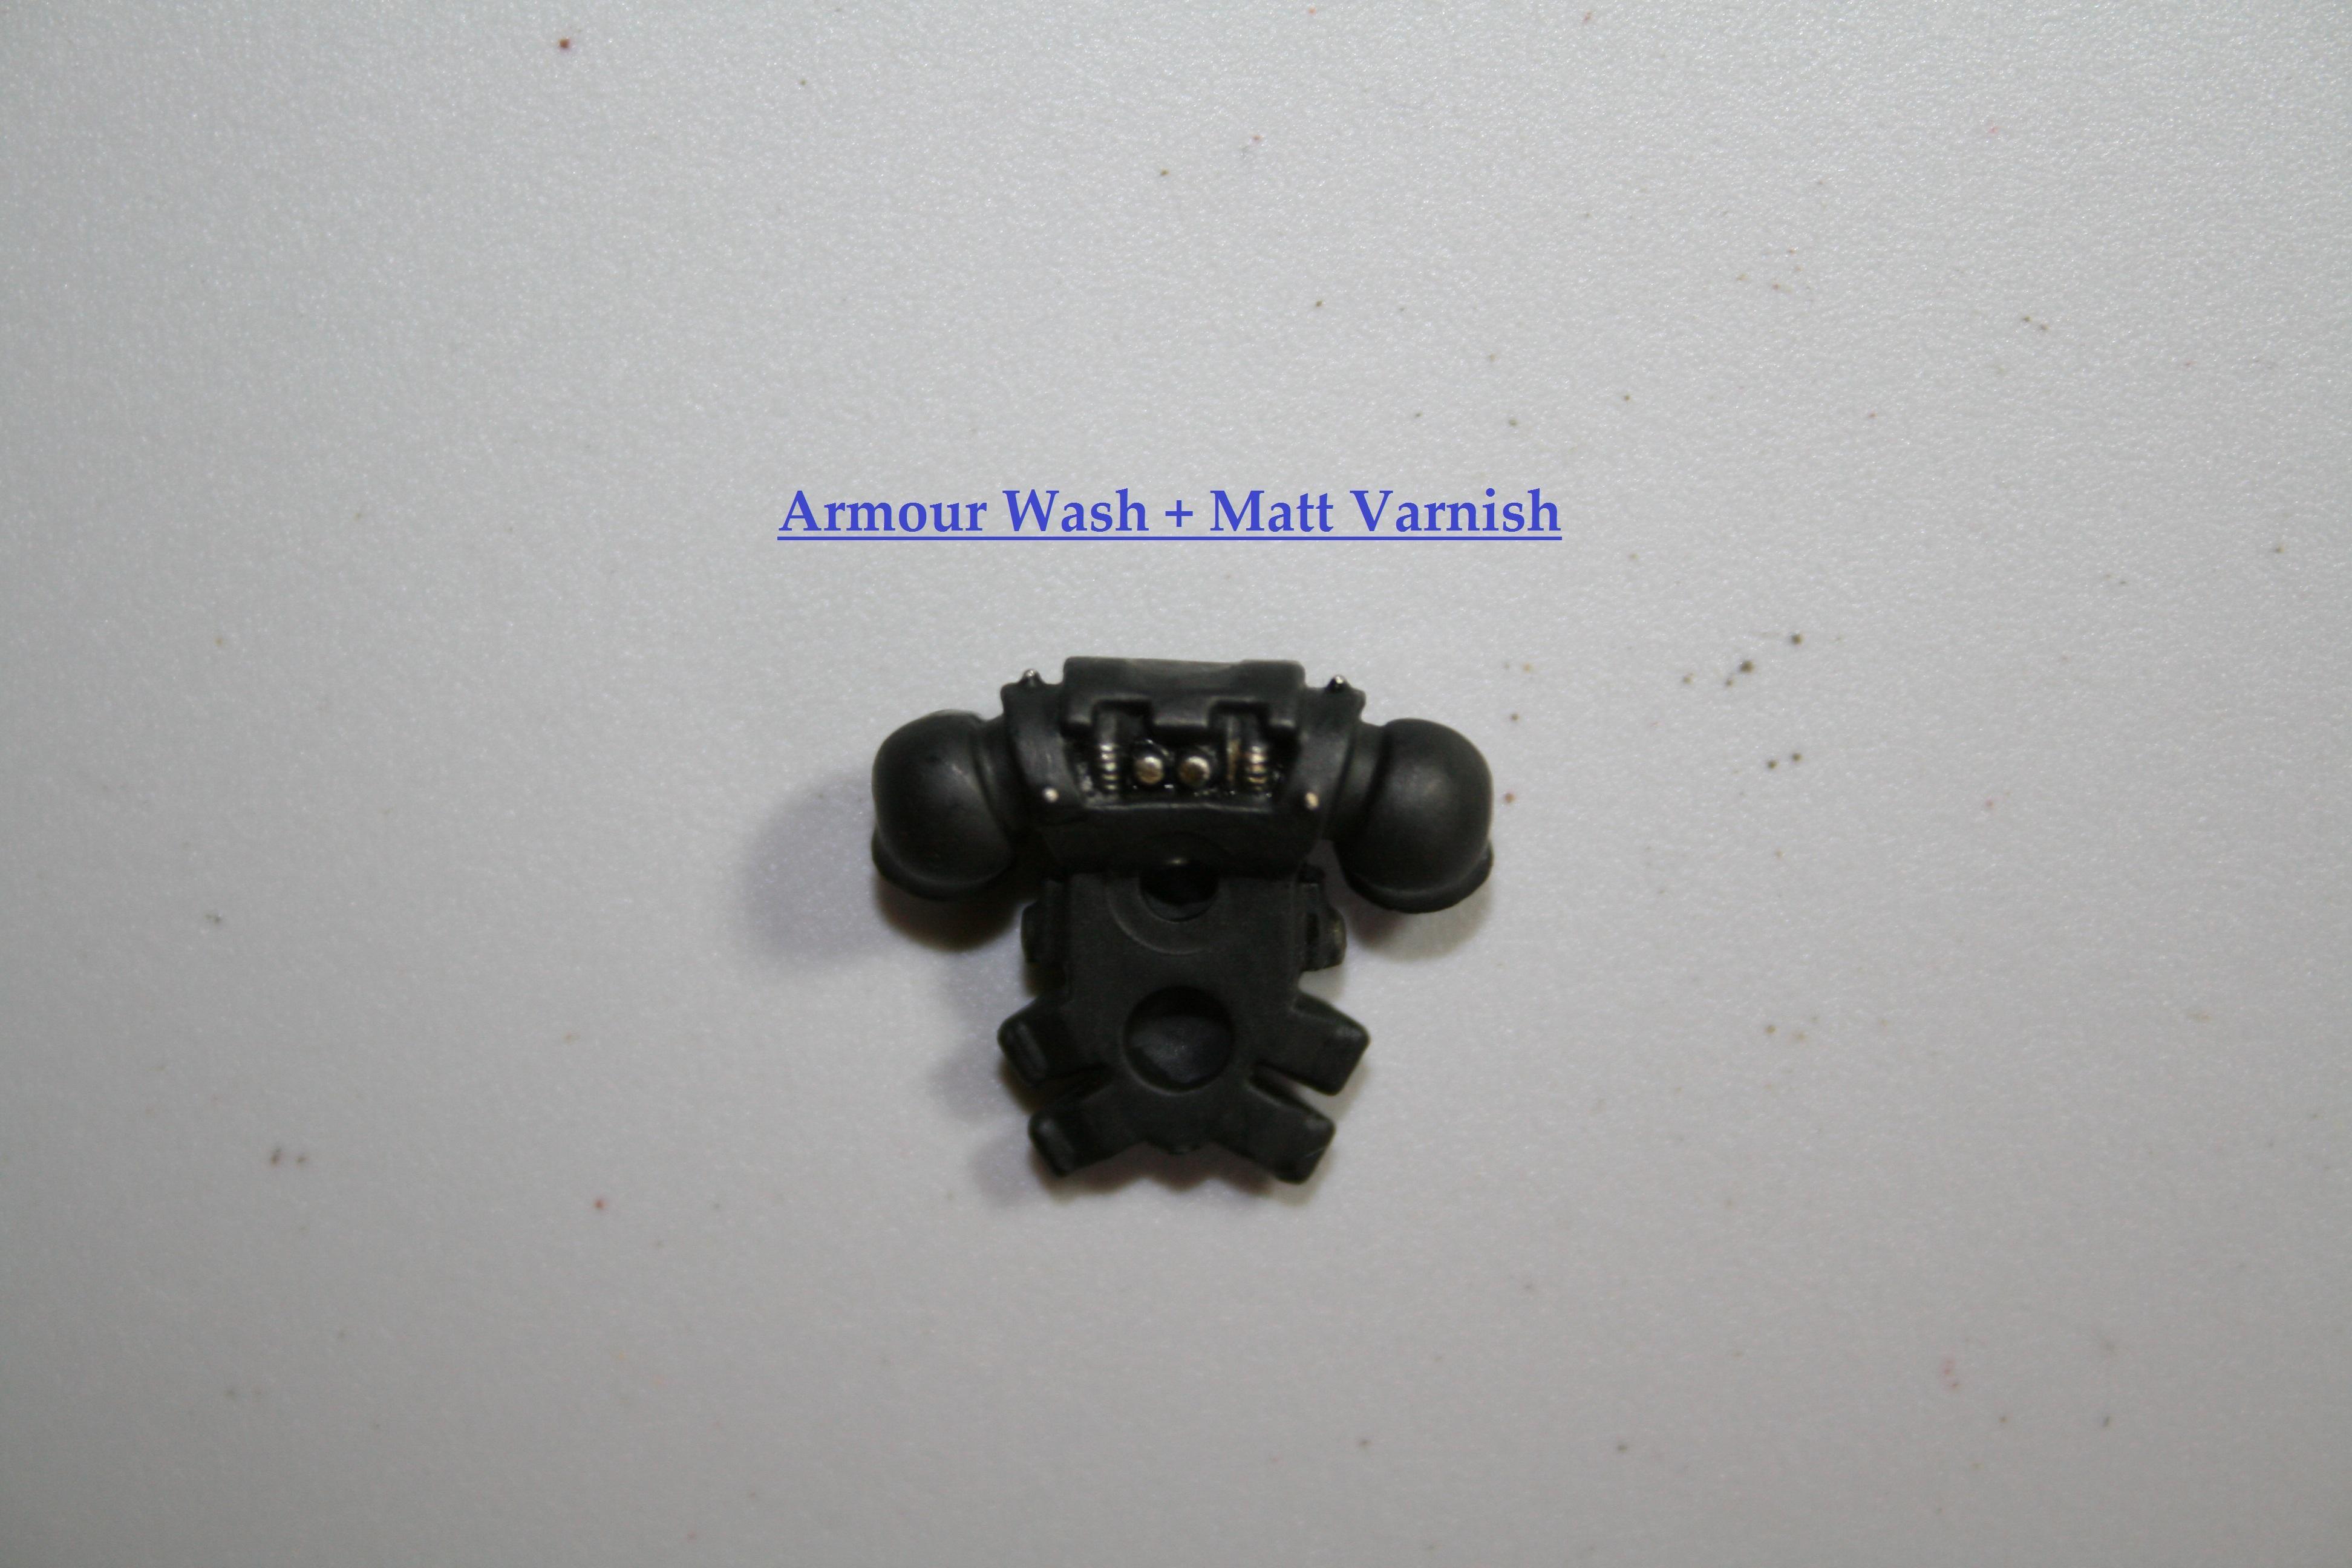 Armour Wash + Matt Varnish Back